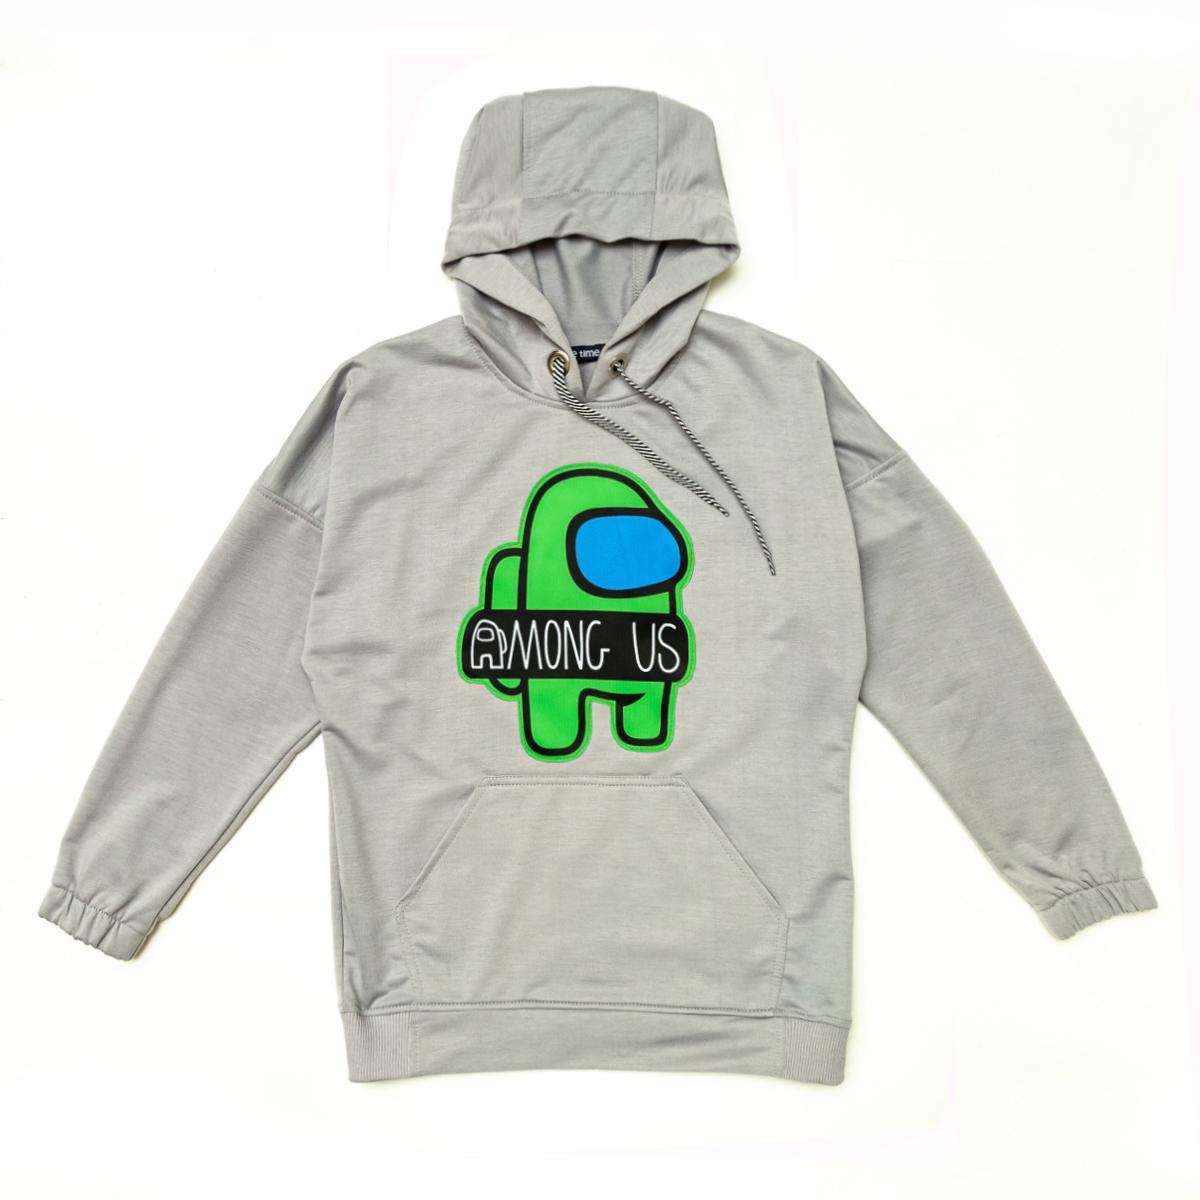 Худи SmileTime молодежное Gamer, серое с зеленым